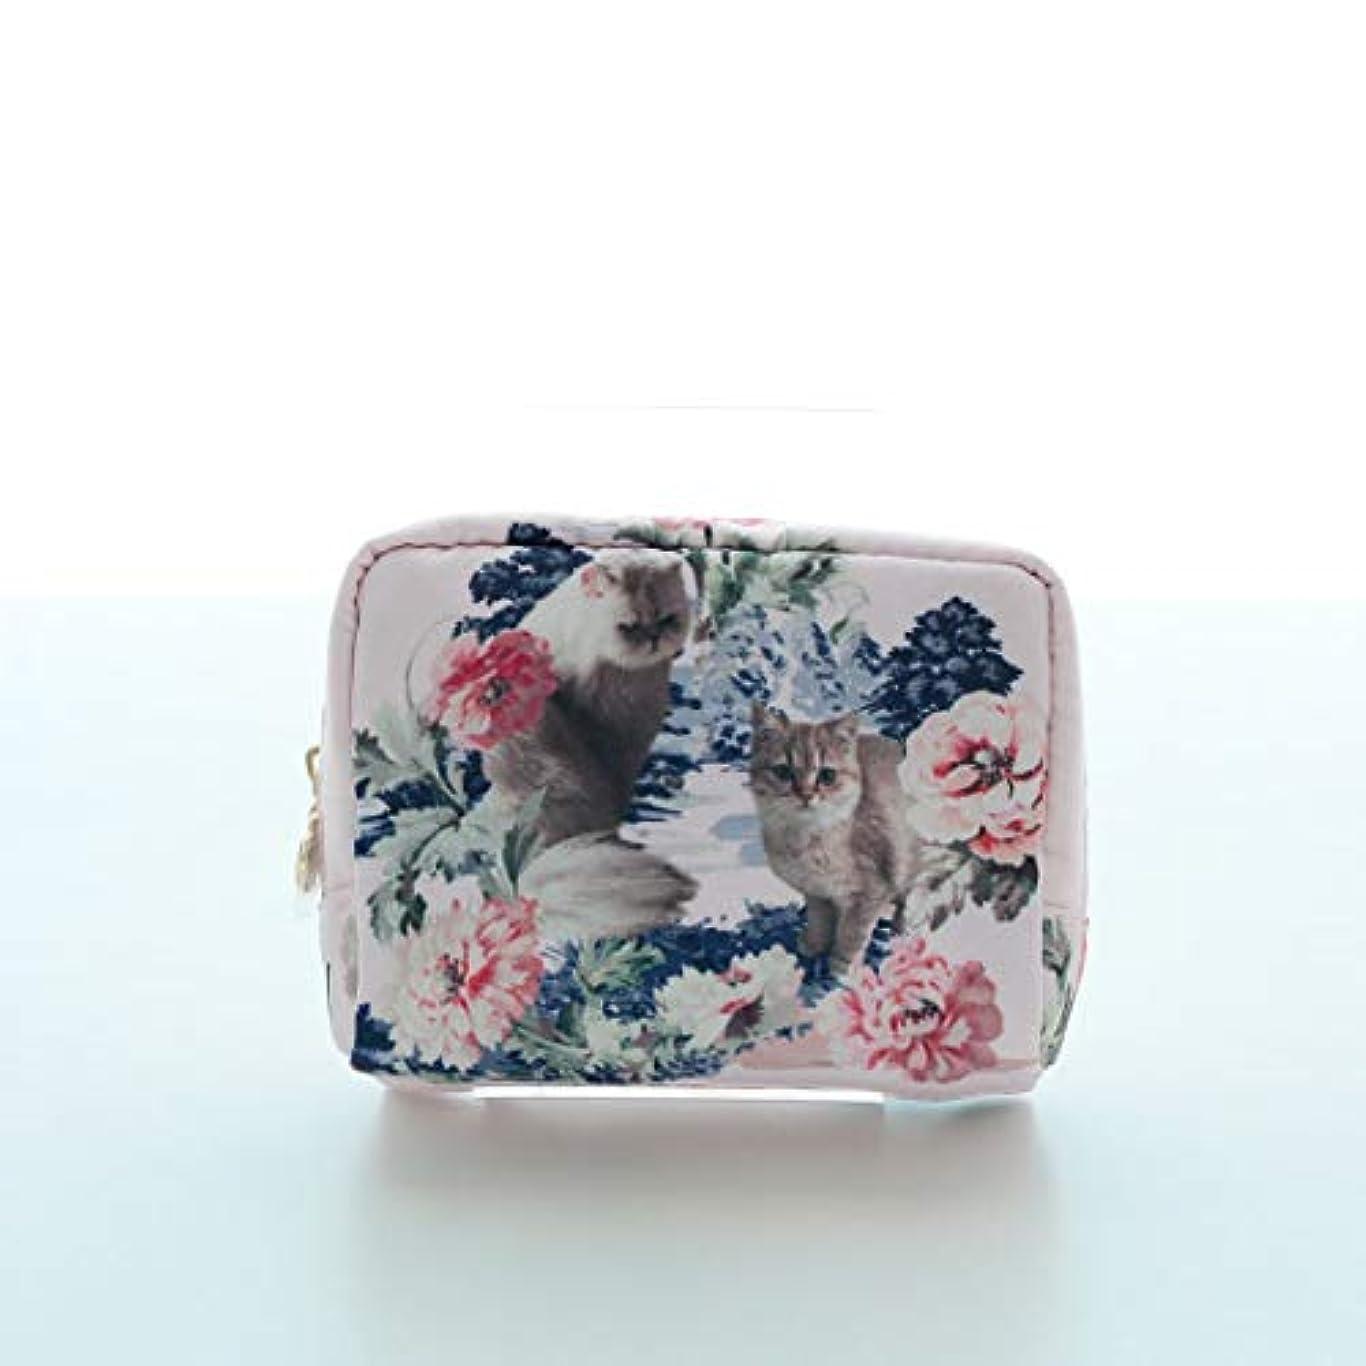 フラップスクリーチ自治的ポール&ジョー レディース 化粧ポーチ (ピンク) 花柄 婦人 ポーチ ポールアンドジョー PAUL&JOE ACCESSOIRES 107501-9501-01